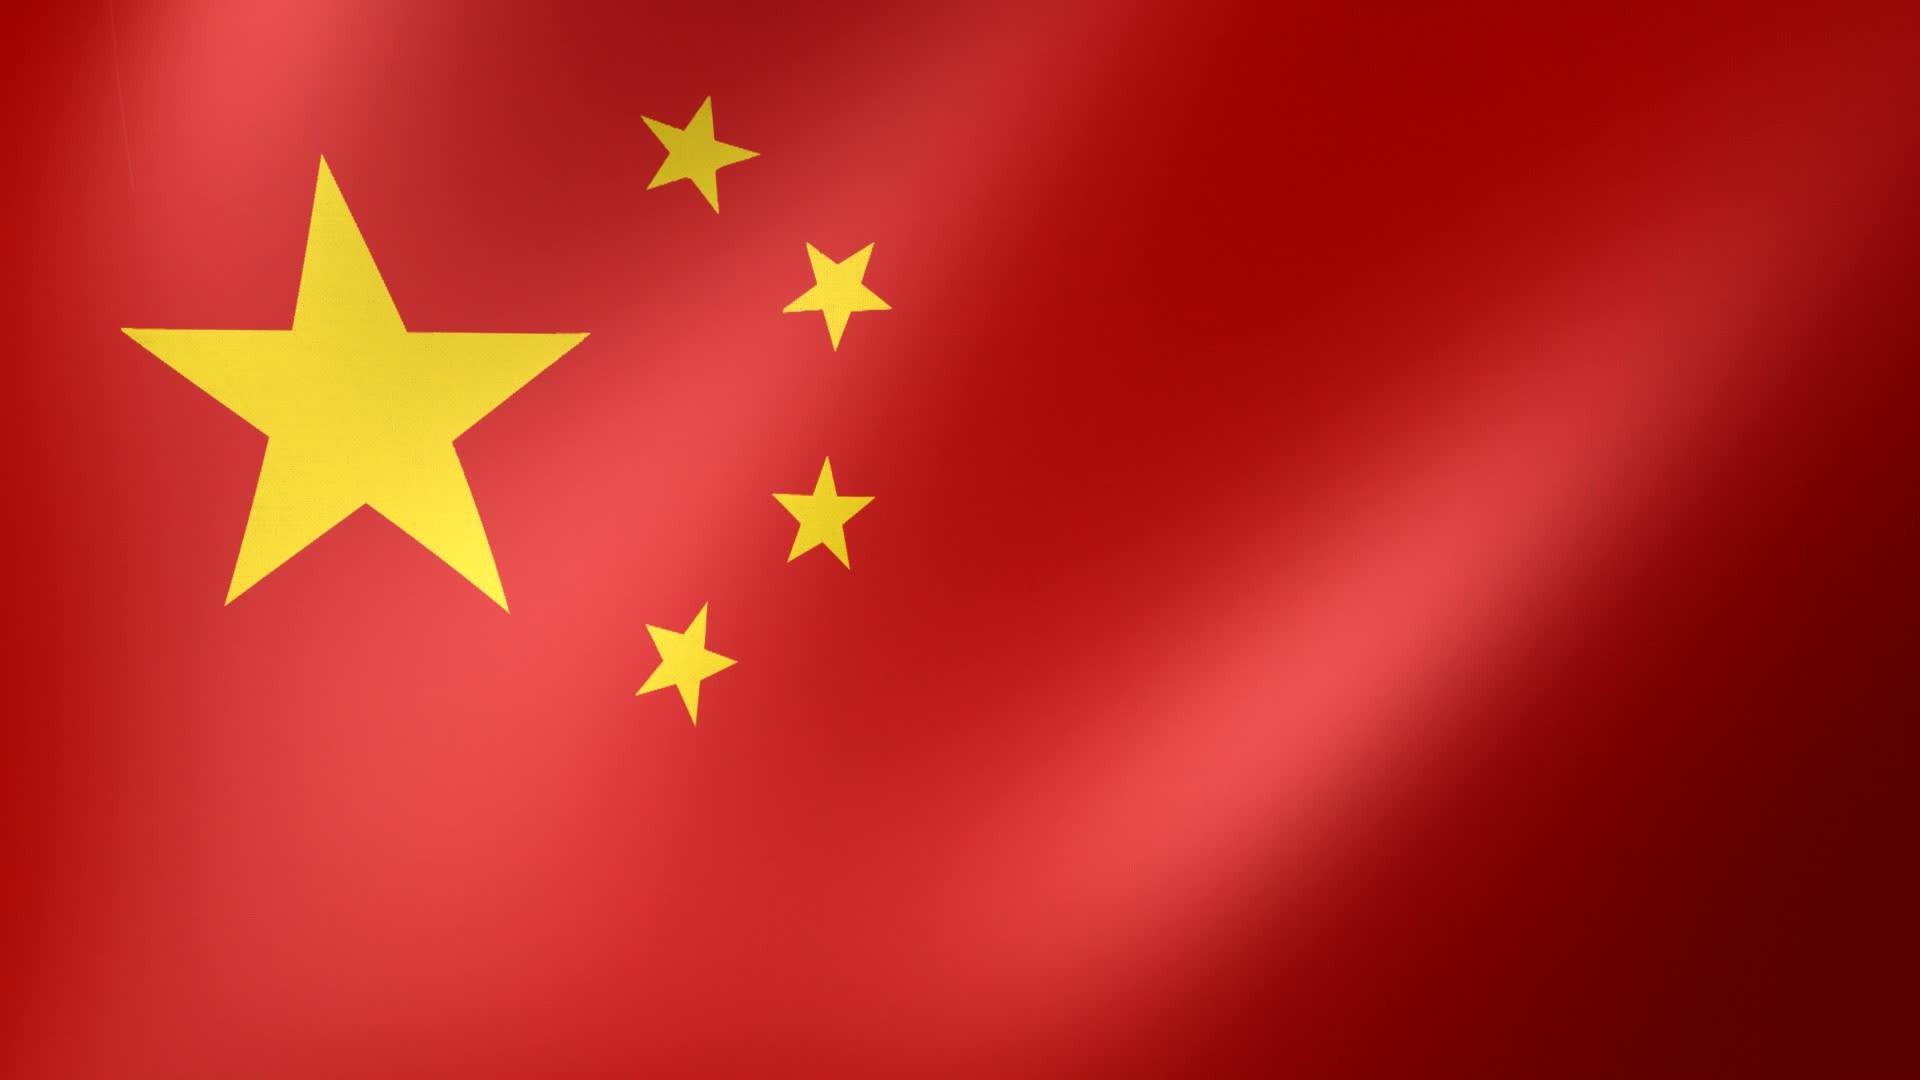 флаг китай фото белой кастрации мальчика